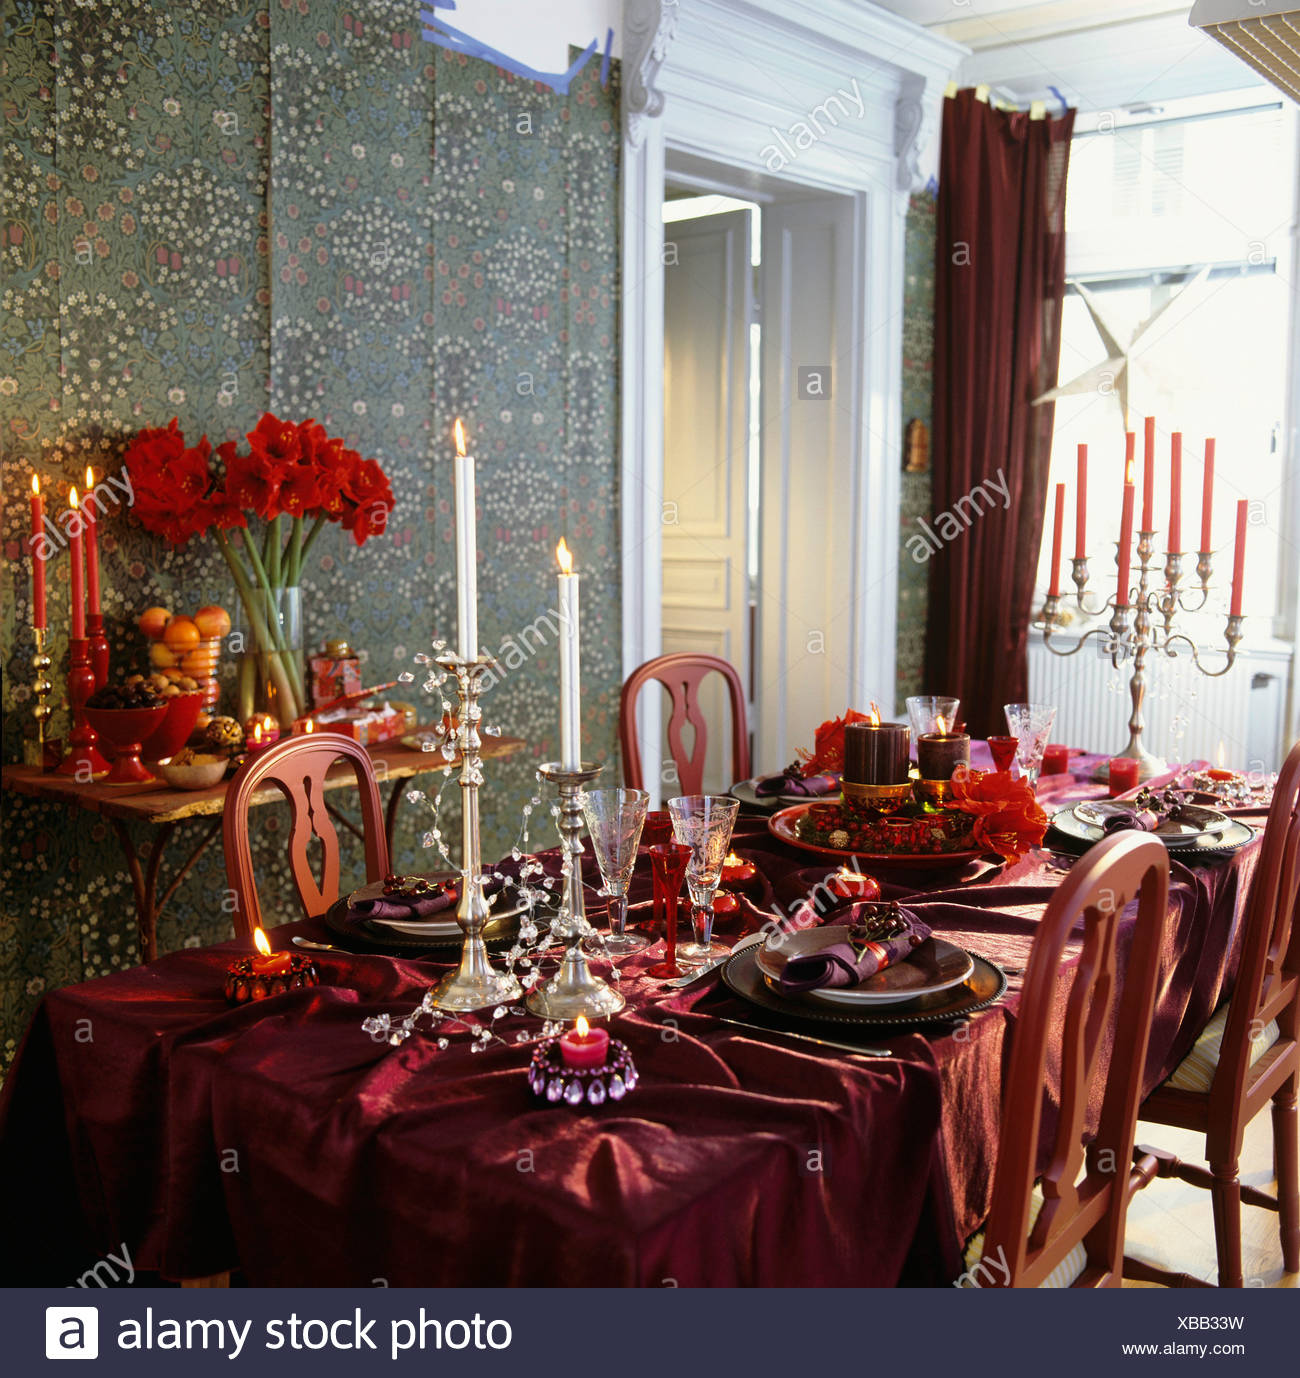 Schon Tisch Mit Kerzen Und Blumen Für Besondere Anlässe Gelegt